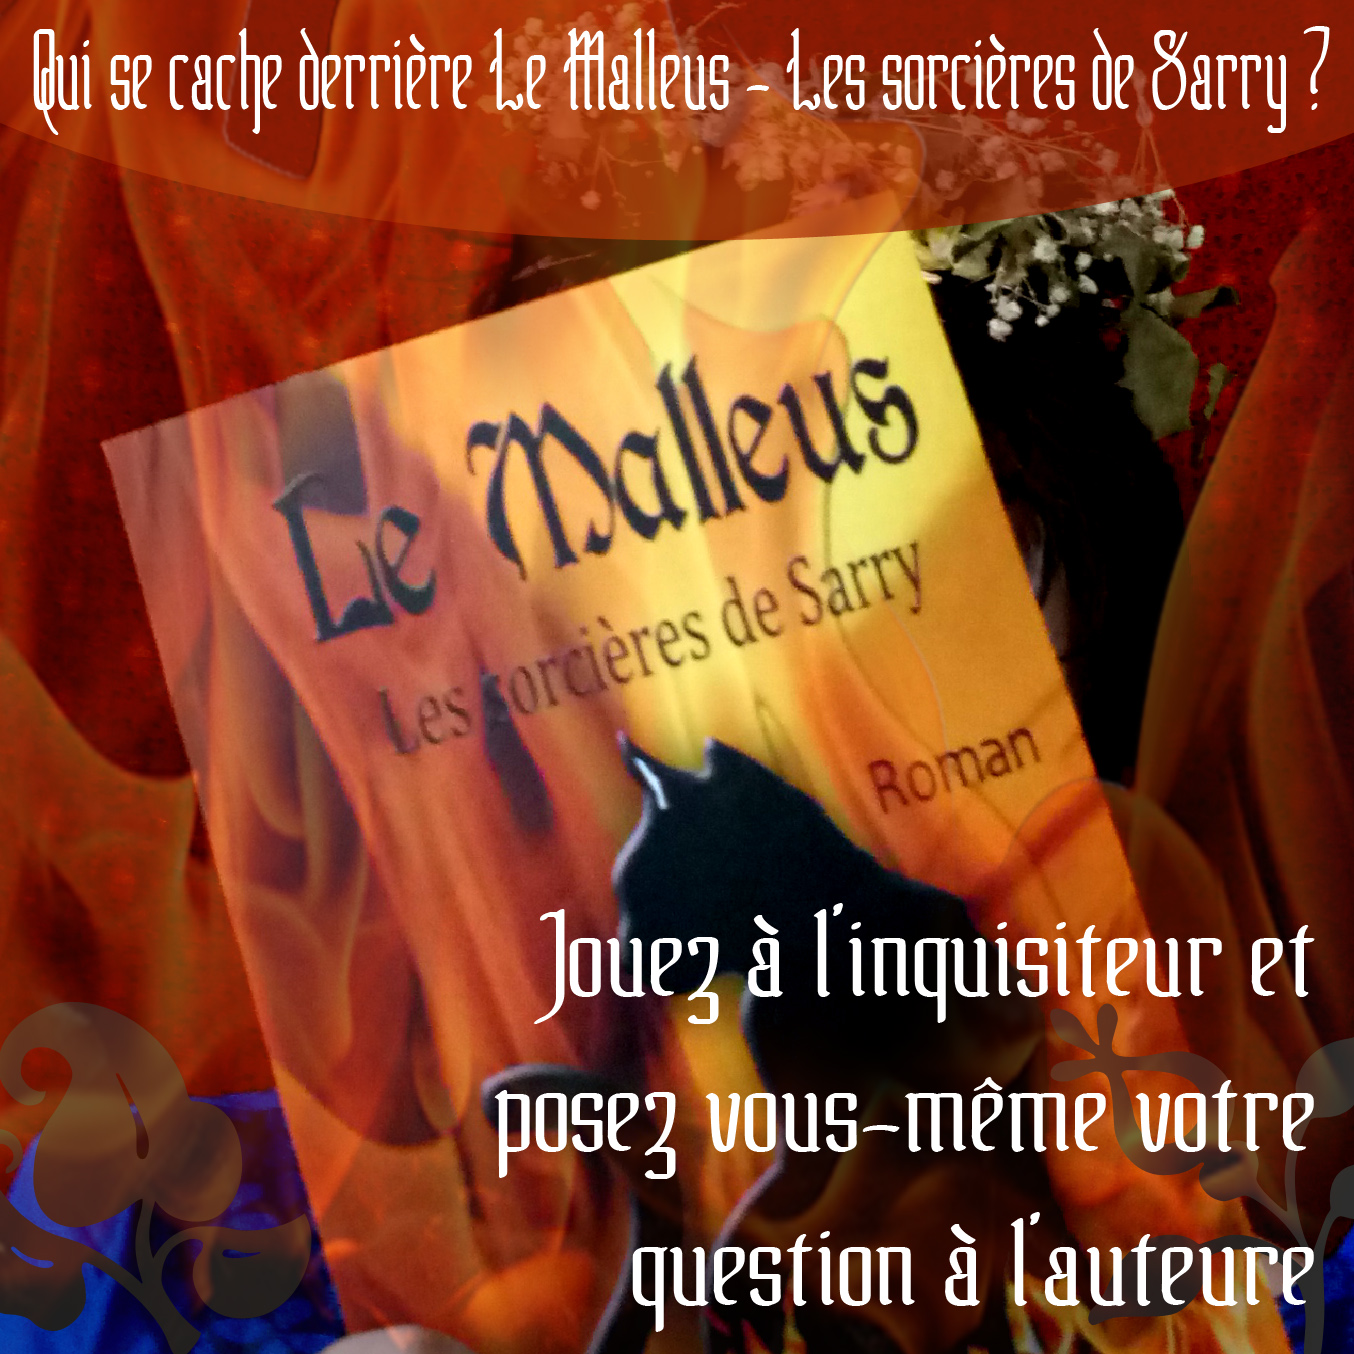 Jeu de l inquisiteur malleus sorcieres de sarry 3